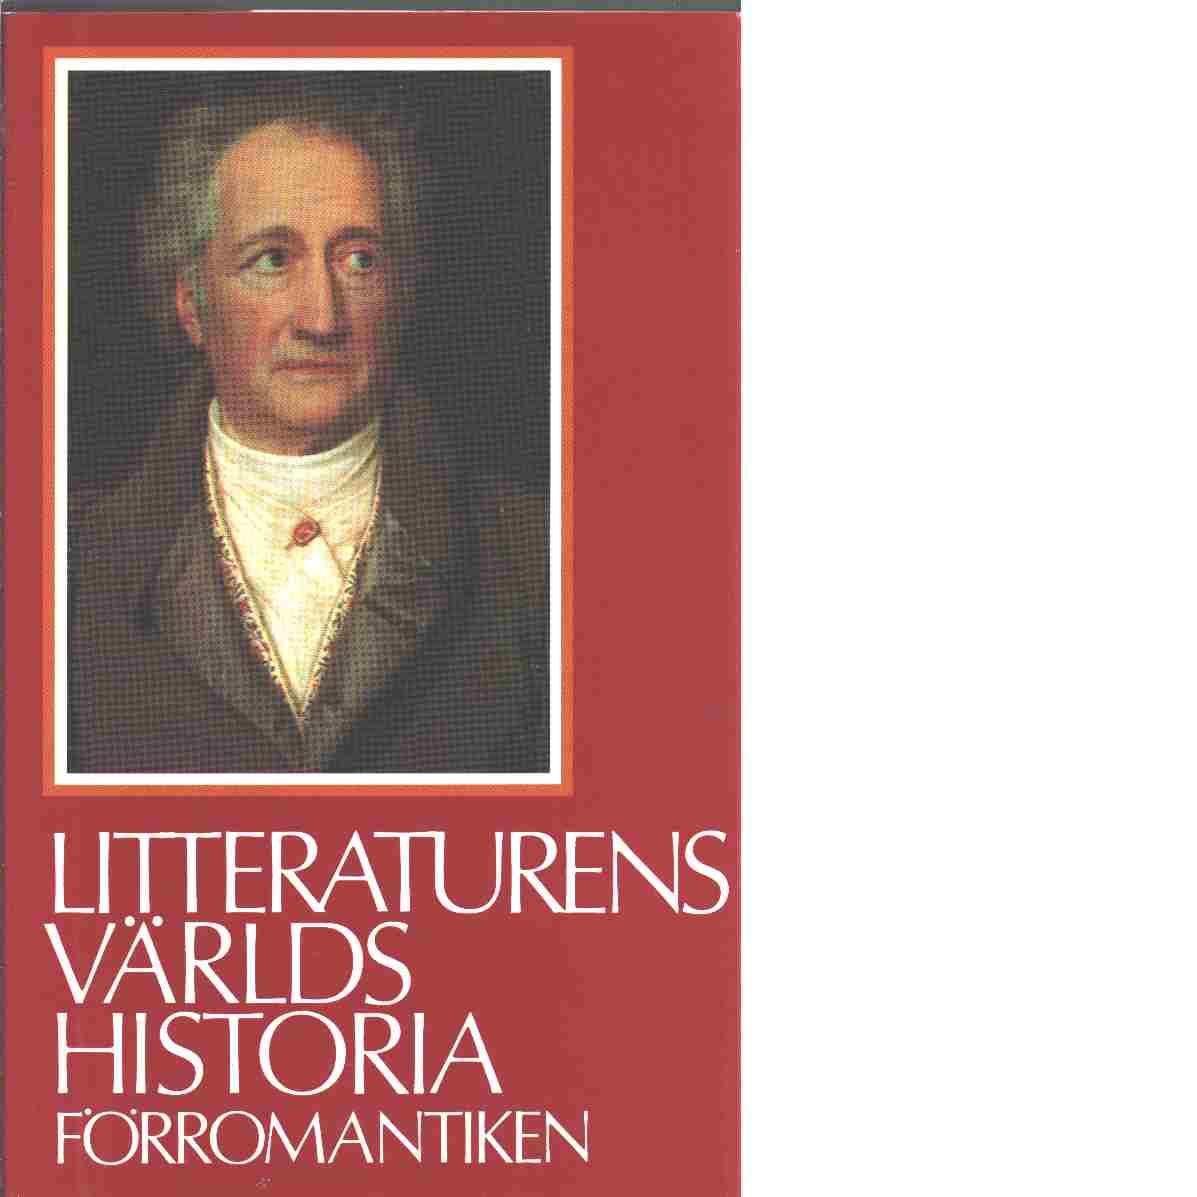 Litteraturens världshistoria. [Bd 6], Förromantiken - Red.Billeskov Jansen, F. J.  och Rinman, Sven